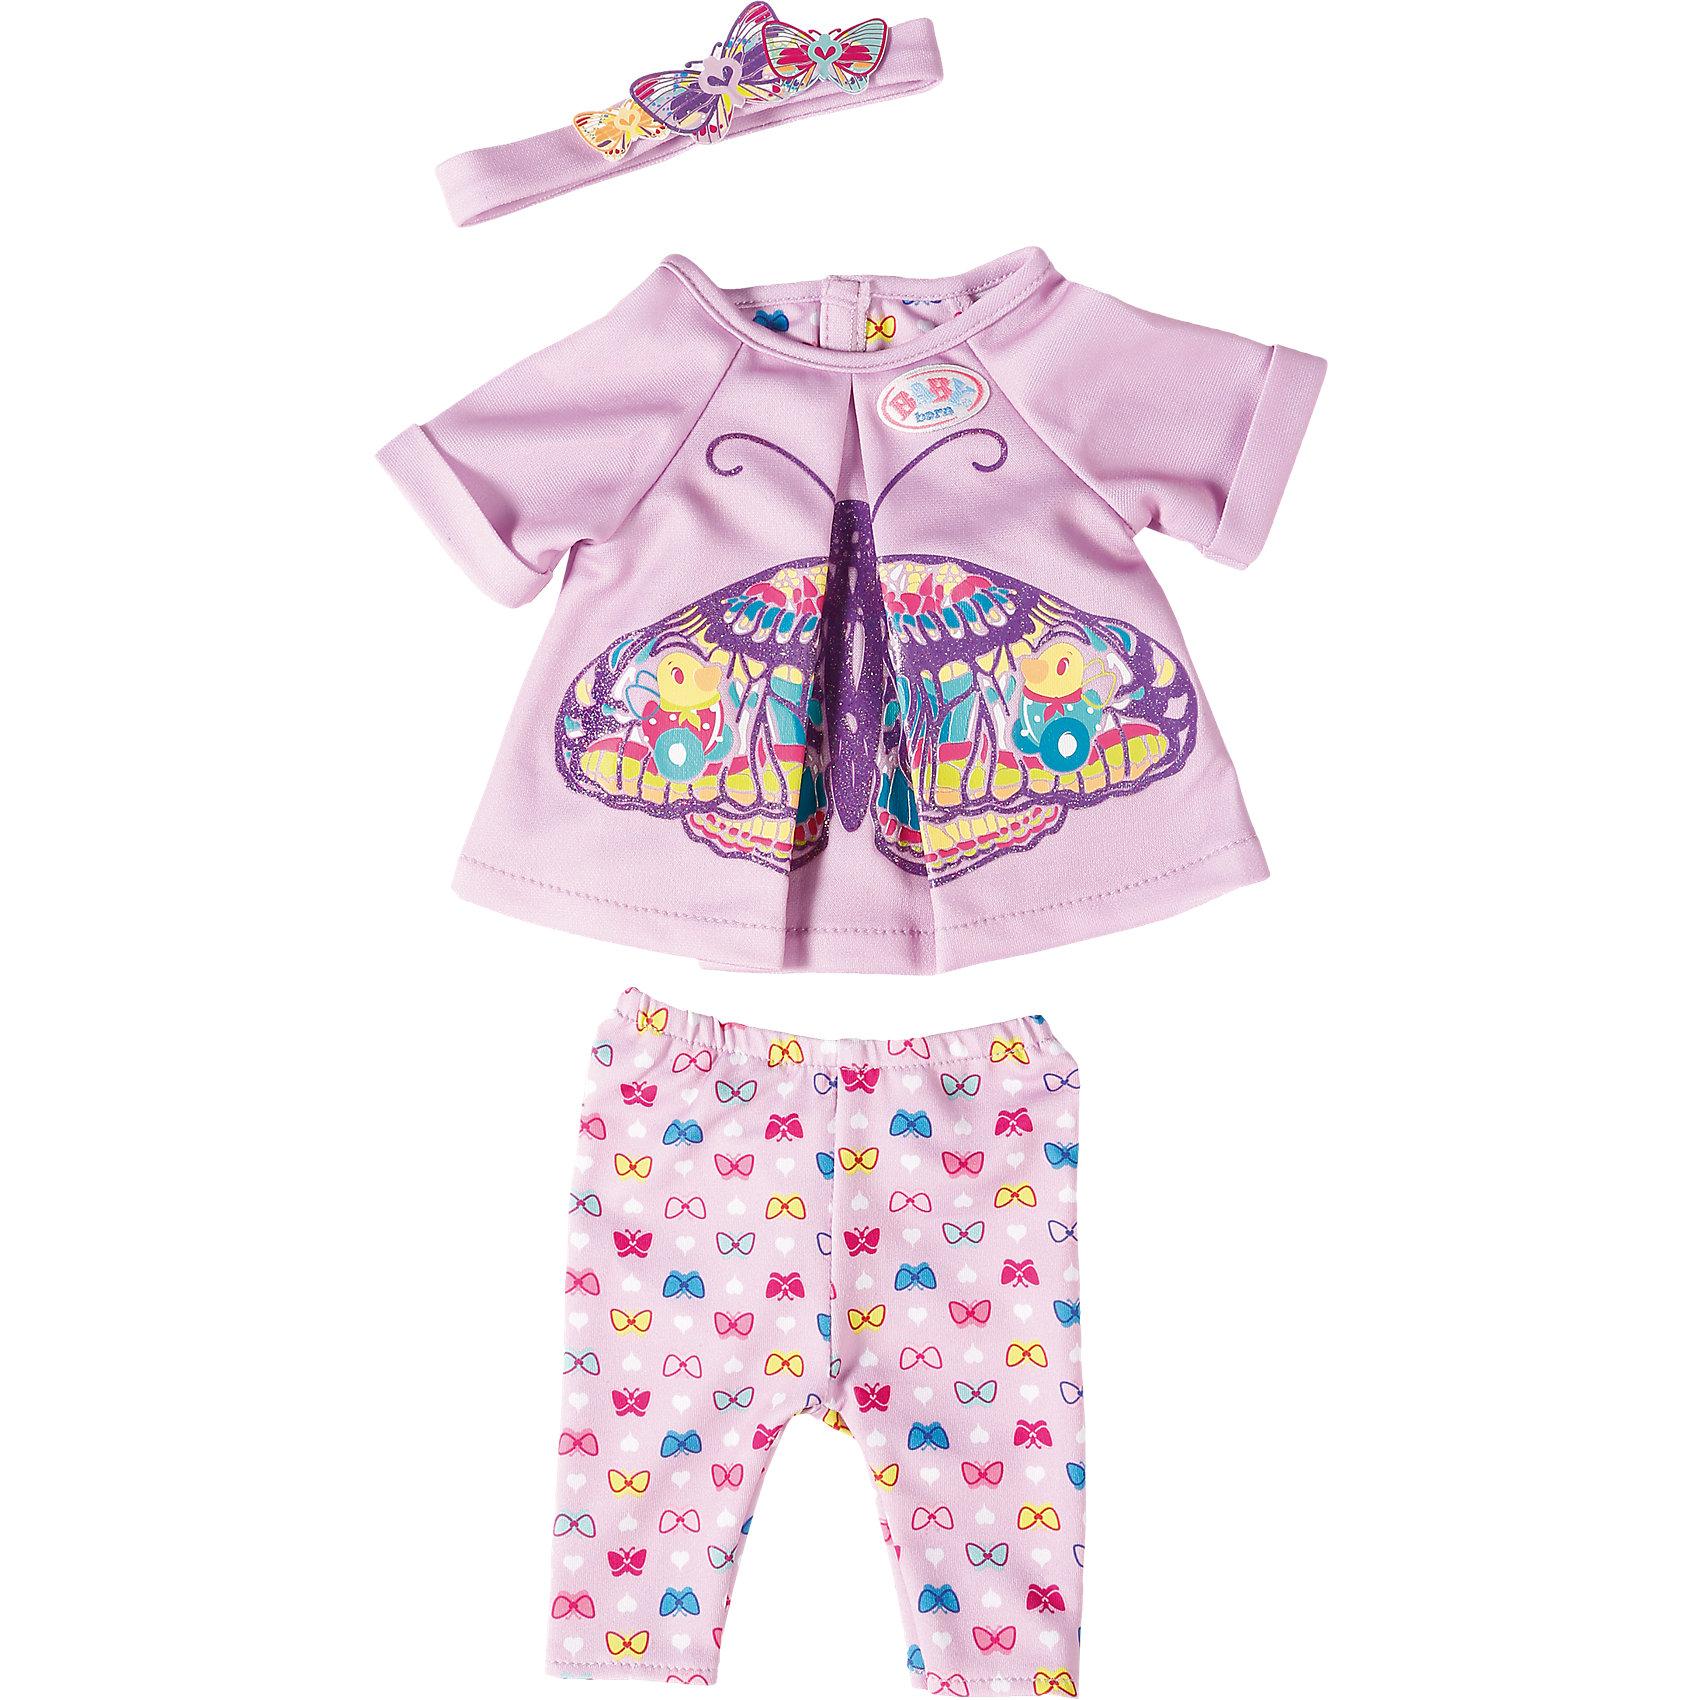 Удобная одежда для дома, BABY bornКукольная одежда и аксессуары<br>Удобная одежда для дома, BABY born<br><br>Характеристики:<br><br>• В набор входит: кофточка, штанишки, повязка на голову<br>• Состав: текстиль<br>• Размер упаковки: 36 * 2 * 25 см.<br>• Для детей в возрасте: от 3 до 7 лет<br>• Страна производитель: Китай<br><br>Одежда выглядит как настоящая, кофточка застёгивается на липучку, а штанишки сделаны на резиночке и легко одеваются. Стиль комплекта отлично сочетается между собой, яркие штанишки с бабочками подходят к кофточке с большой бабочкой и нежной повязкой на голову. <br><br>Удобную одежду для дома, BABY born можно купить в нашем интернет-магазине.<br><br>Ширина мм: 283<br>Глубина мм: 215<br>Высота мм: 30<br>Вес г: 93<br>Возраст от месяцев: 36<br>Возраст до месяцев: 60<br>Пол: Женский<br>Возраст: Детский<br>SKU: 5030820